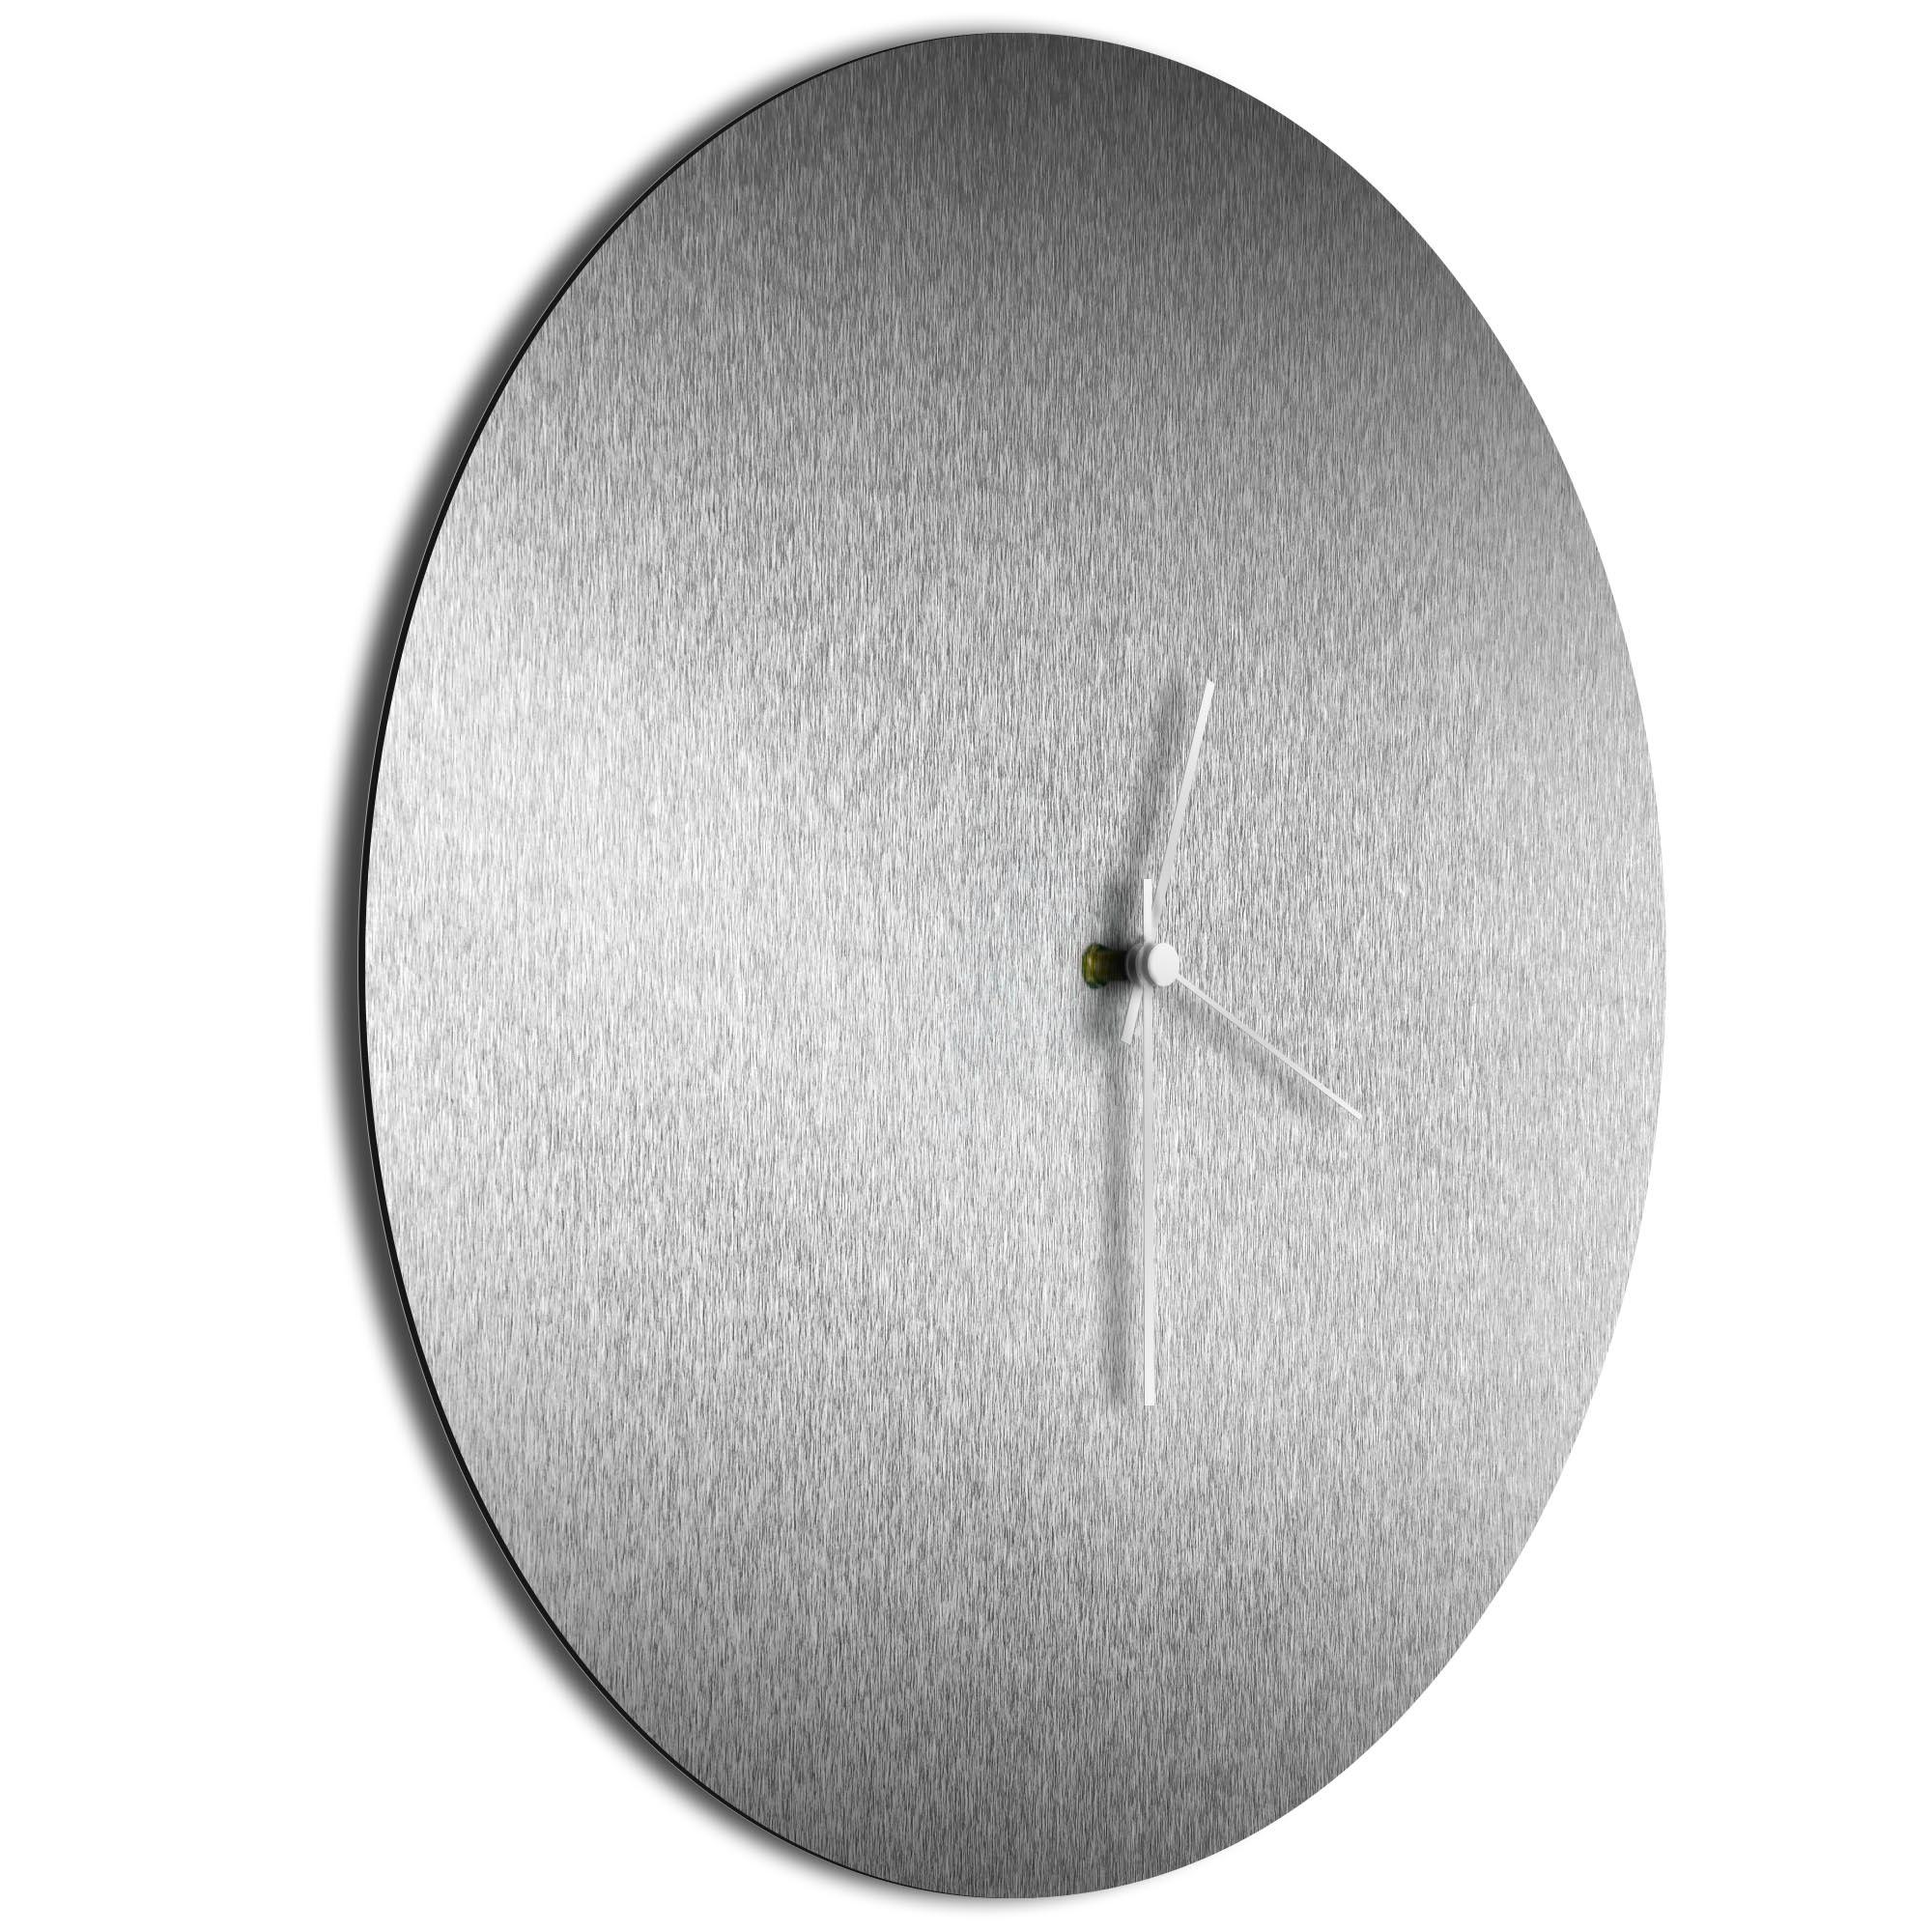 Silversmith Circle Clock Large White - Image 2